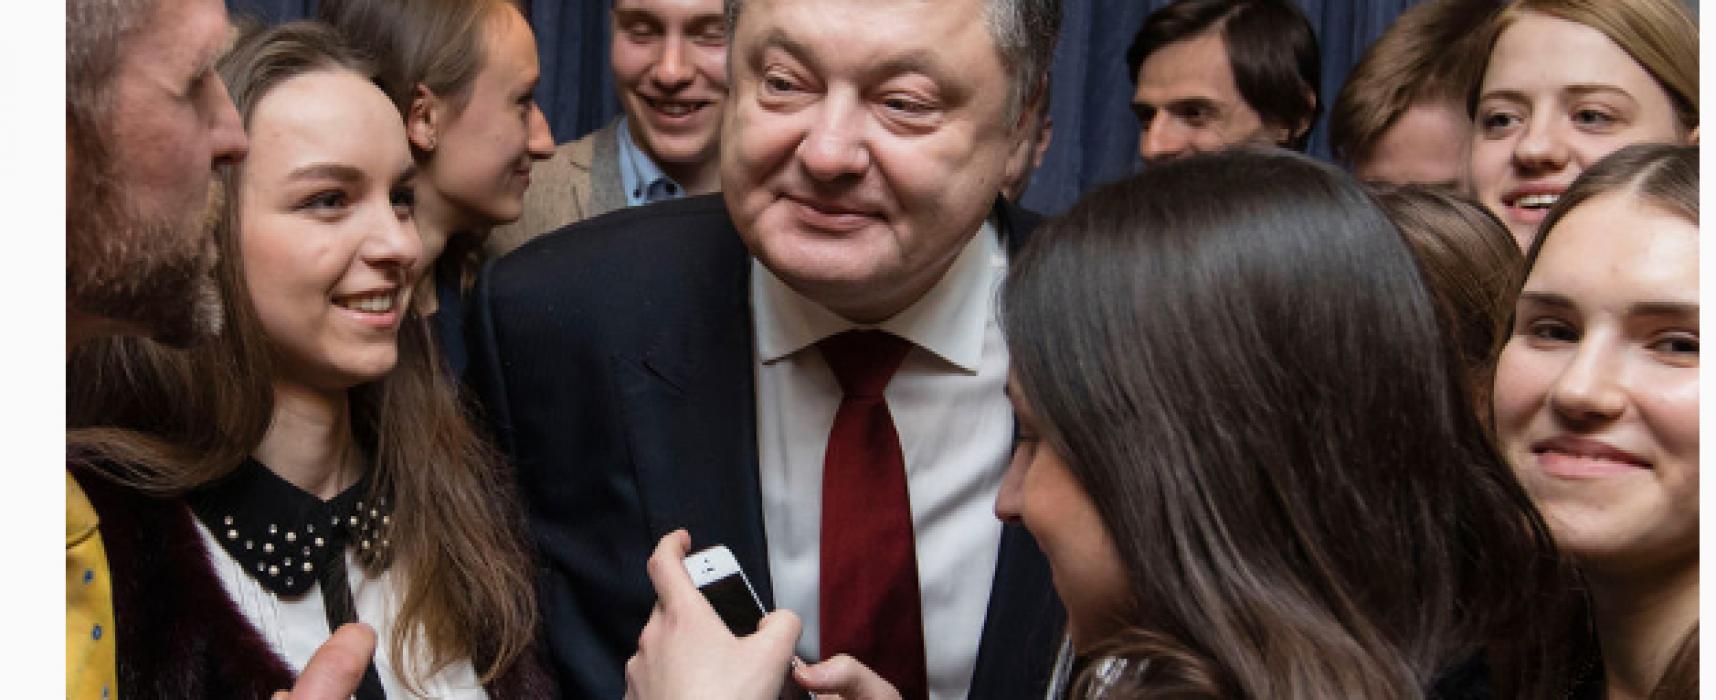 Фейк: Закон об образовании противоречит конституции Украины и запрещает русский язык